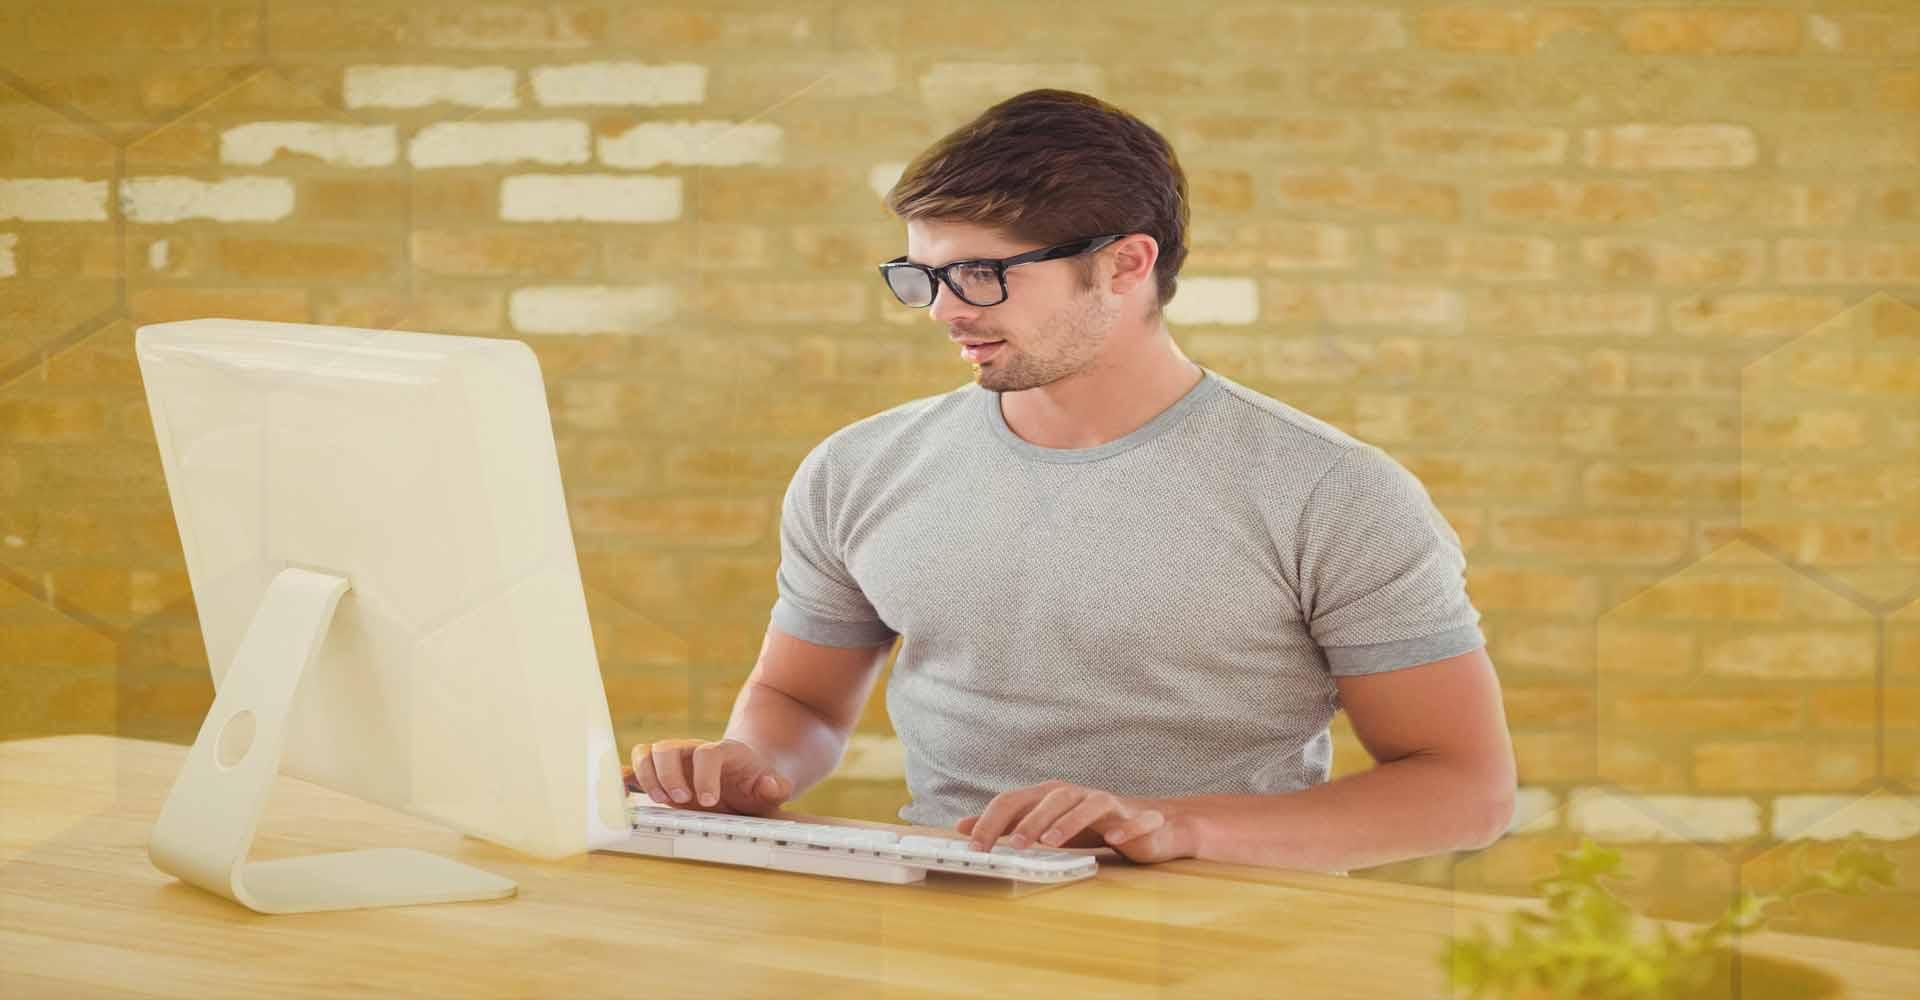 Comercio electrónico, Ecommerce, tiendas virtuales, evolución del comercio